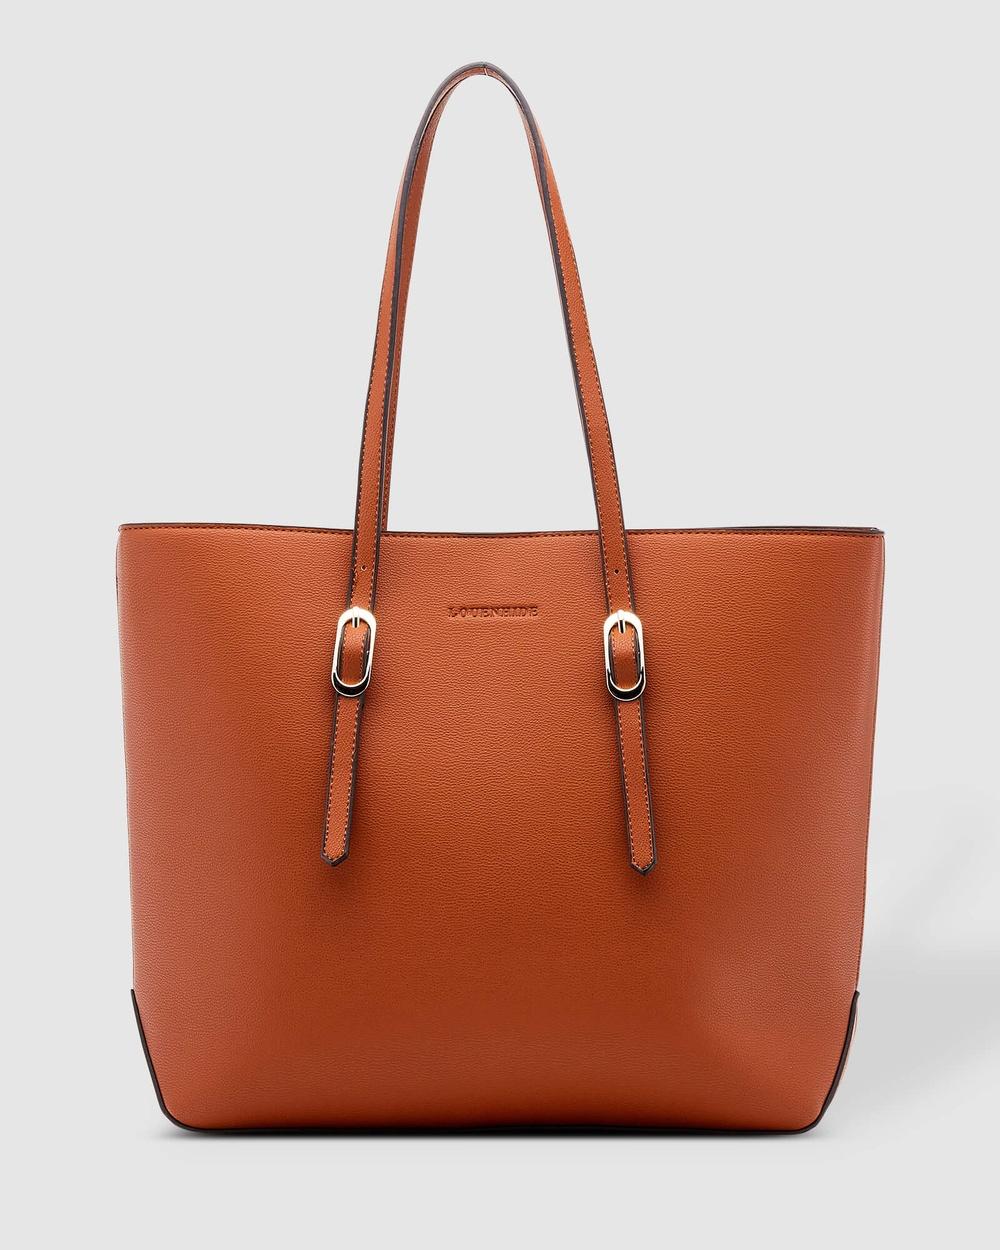 Louenhide Montville Laptop Bag Handbags Tan